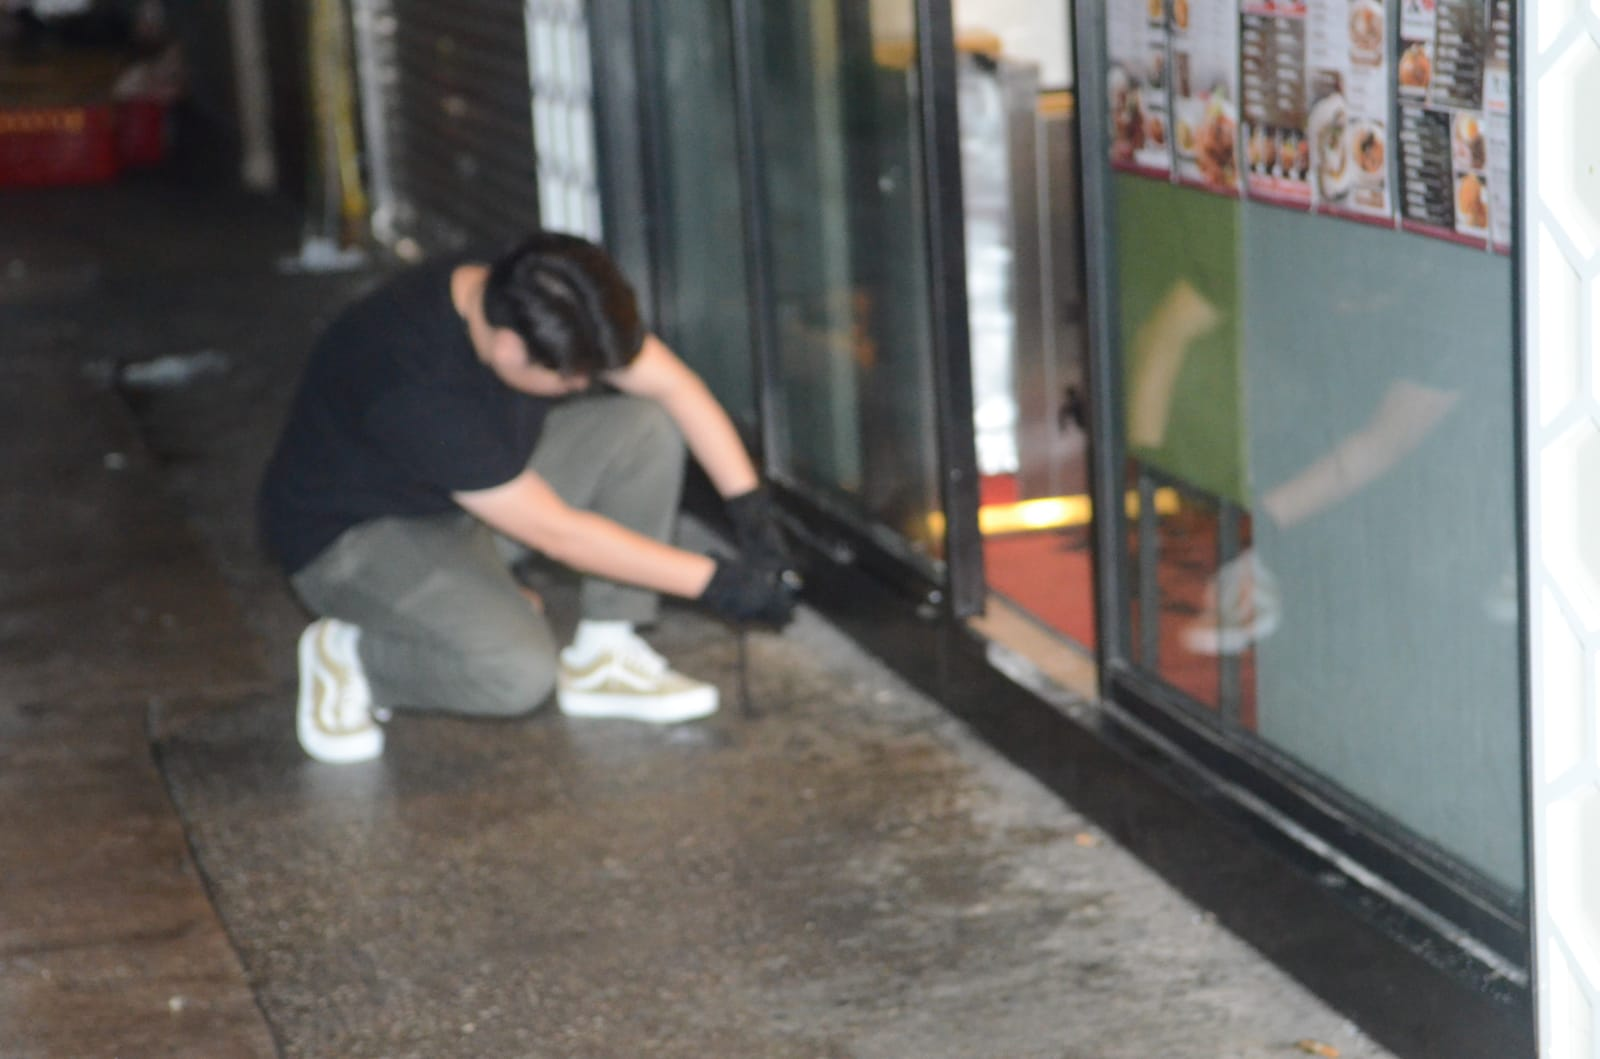 茶餐廳玻璃門鎖被撬毀。